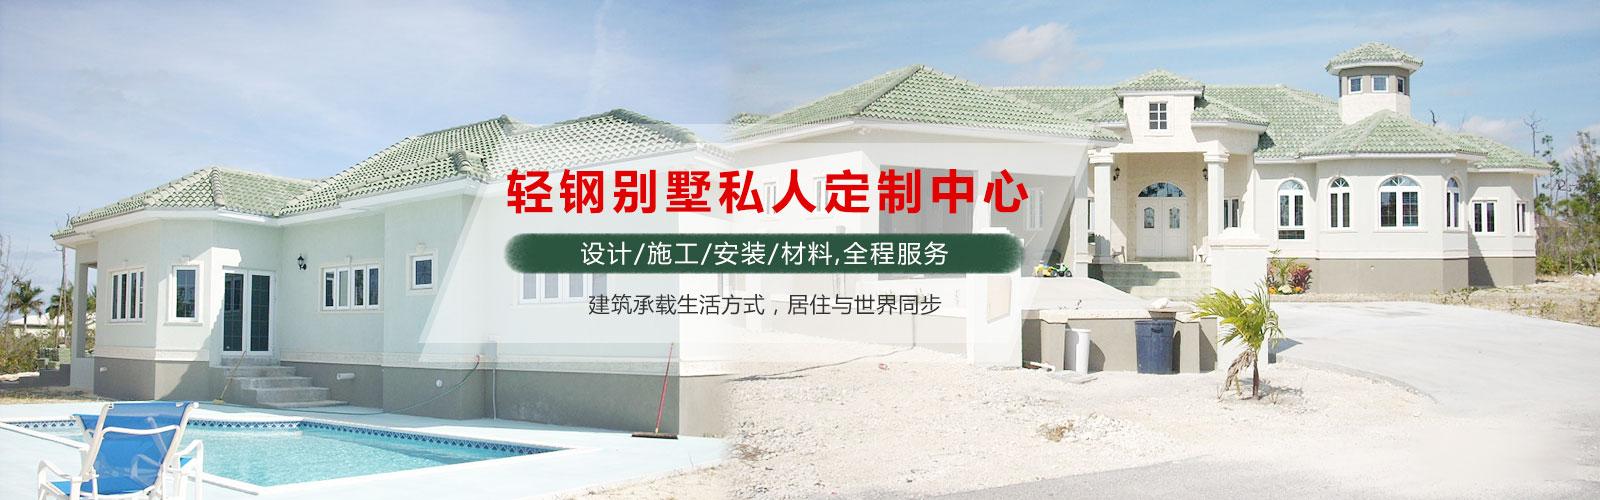 重庆钢结构别墅